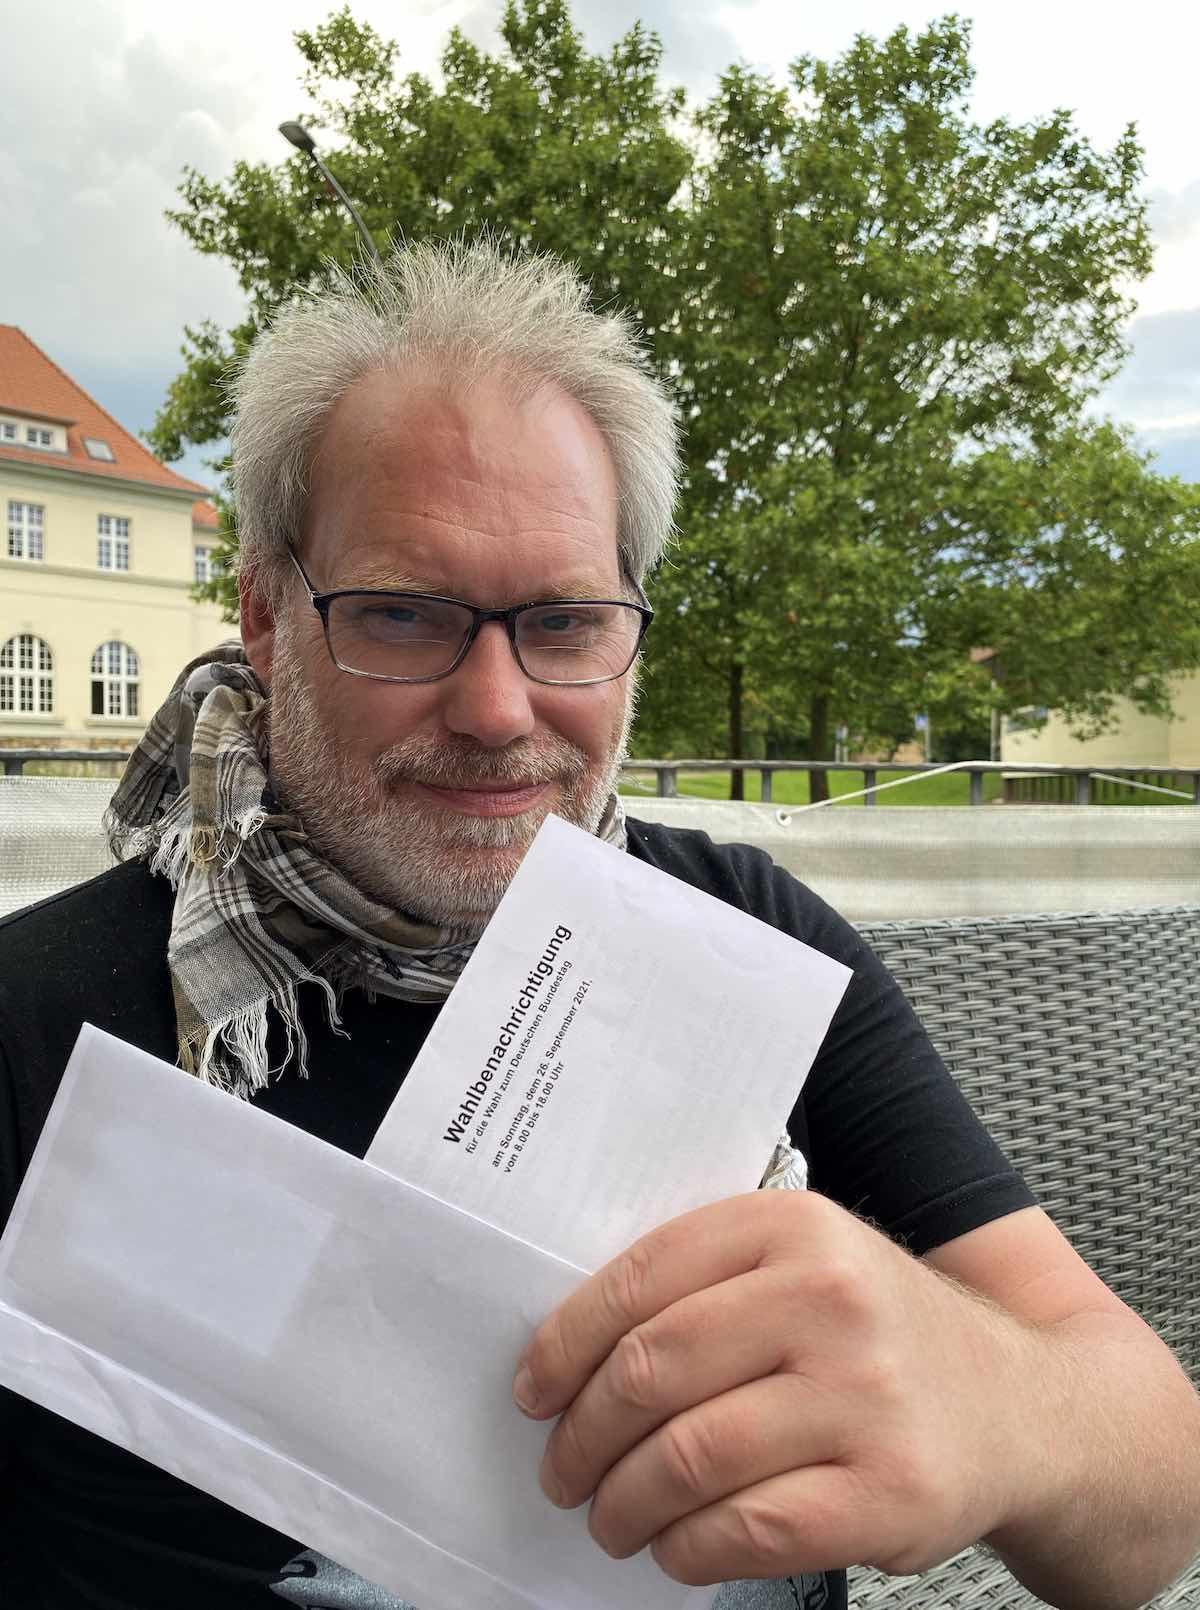 Klaus Winkel mit der Wahlbenachrichtigung, die er erhalten hat. Er trägt eine Lesebrille, ein Schal und ein T-Shirt.